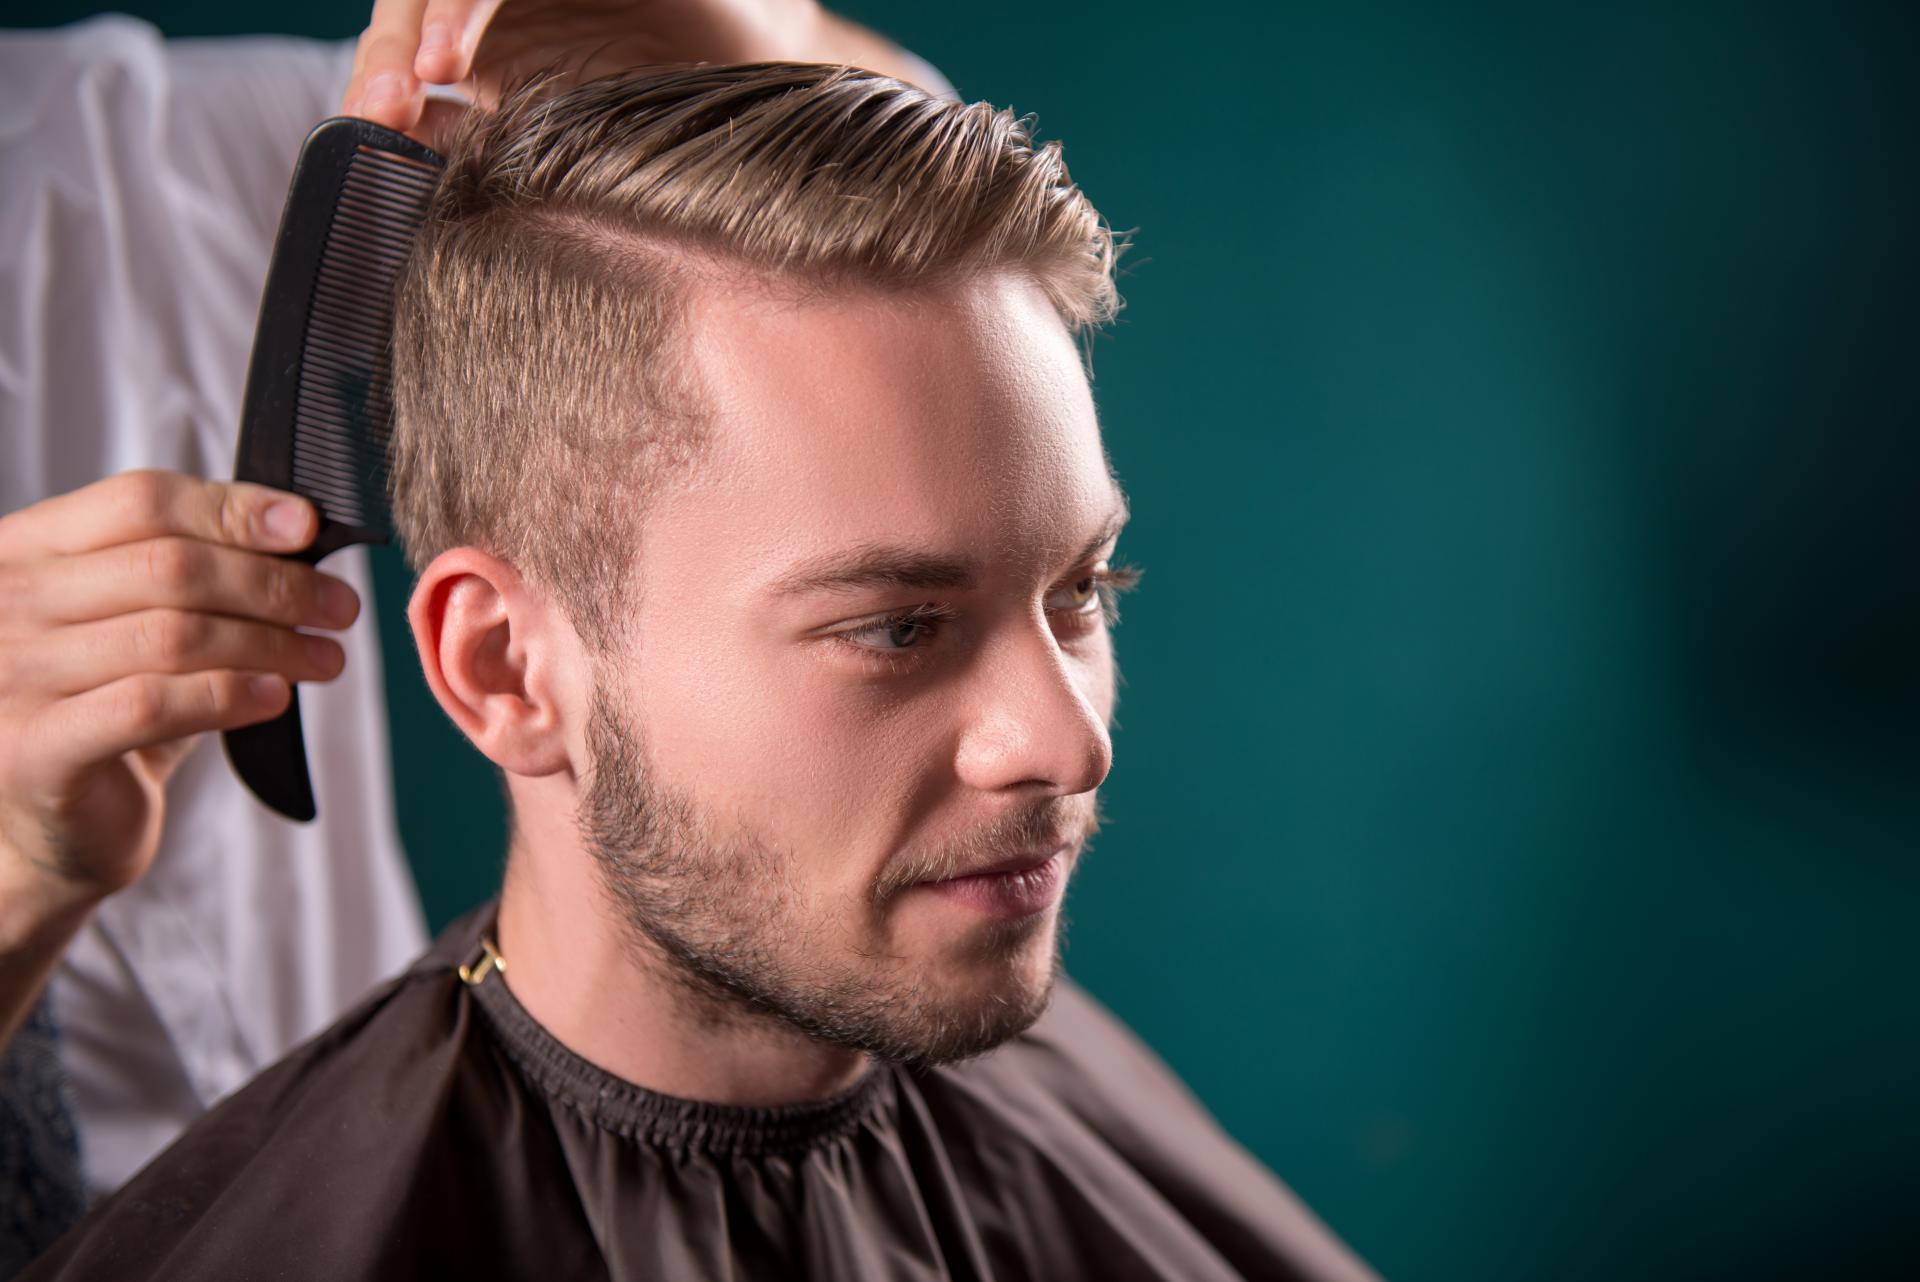 Corte de pelo gratis en Formación de Peluquería de Caballeros, peluquería para hombre en Madrid